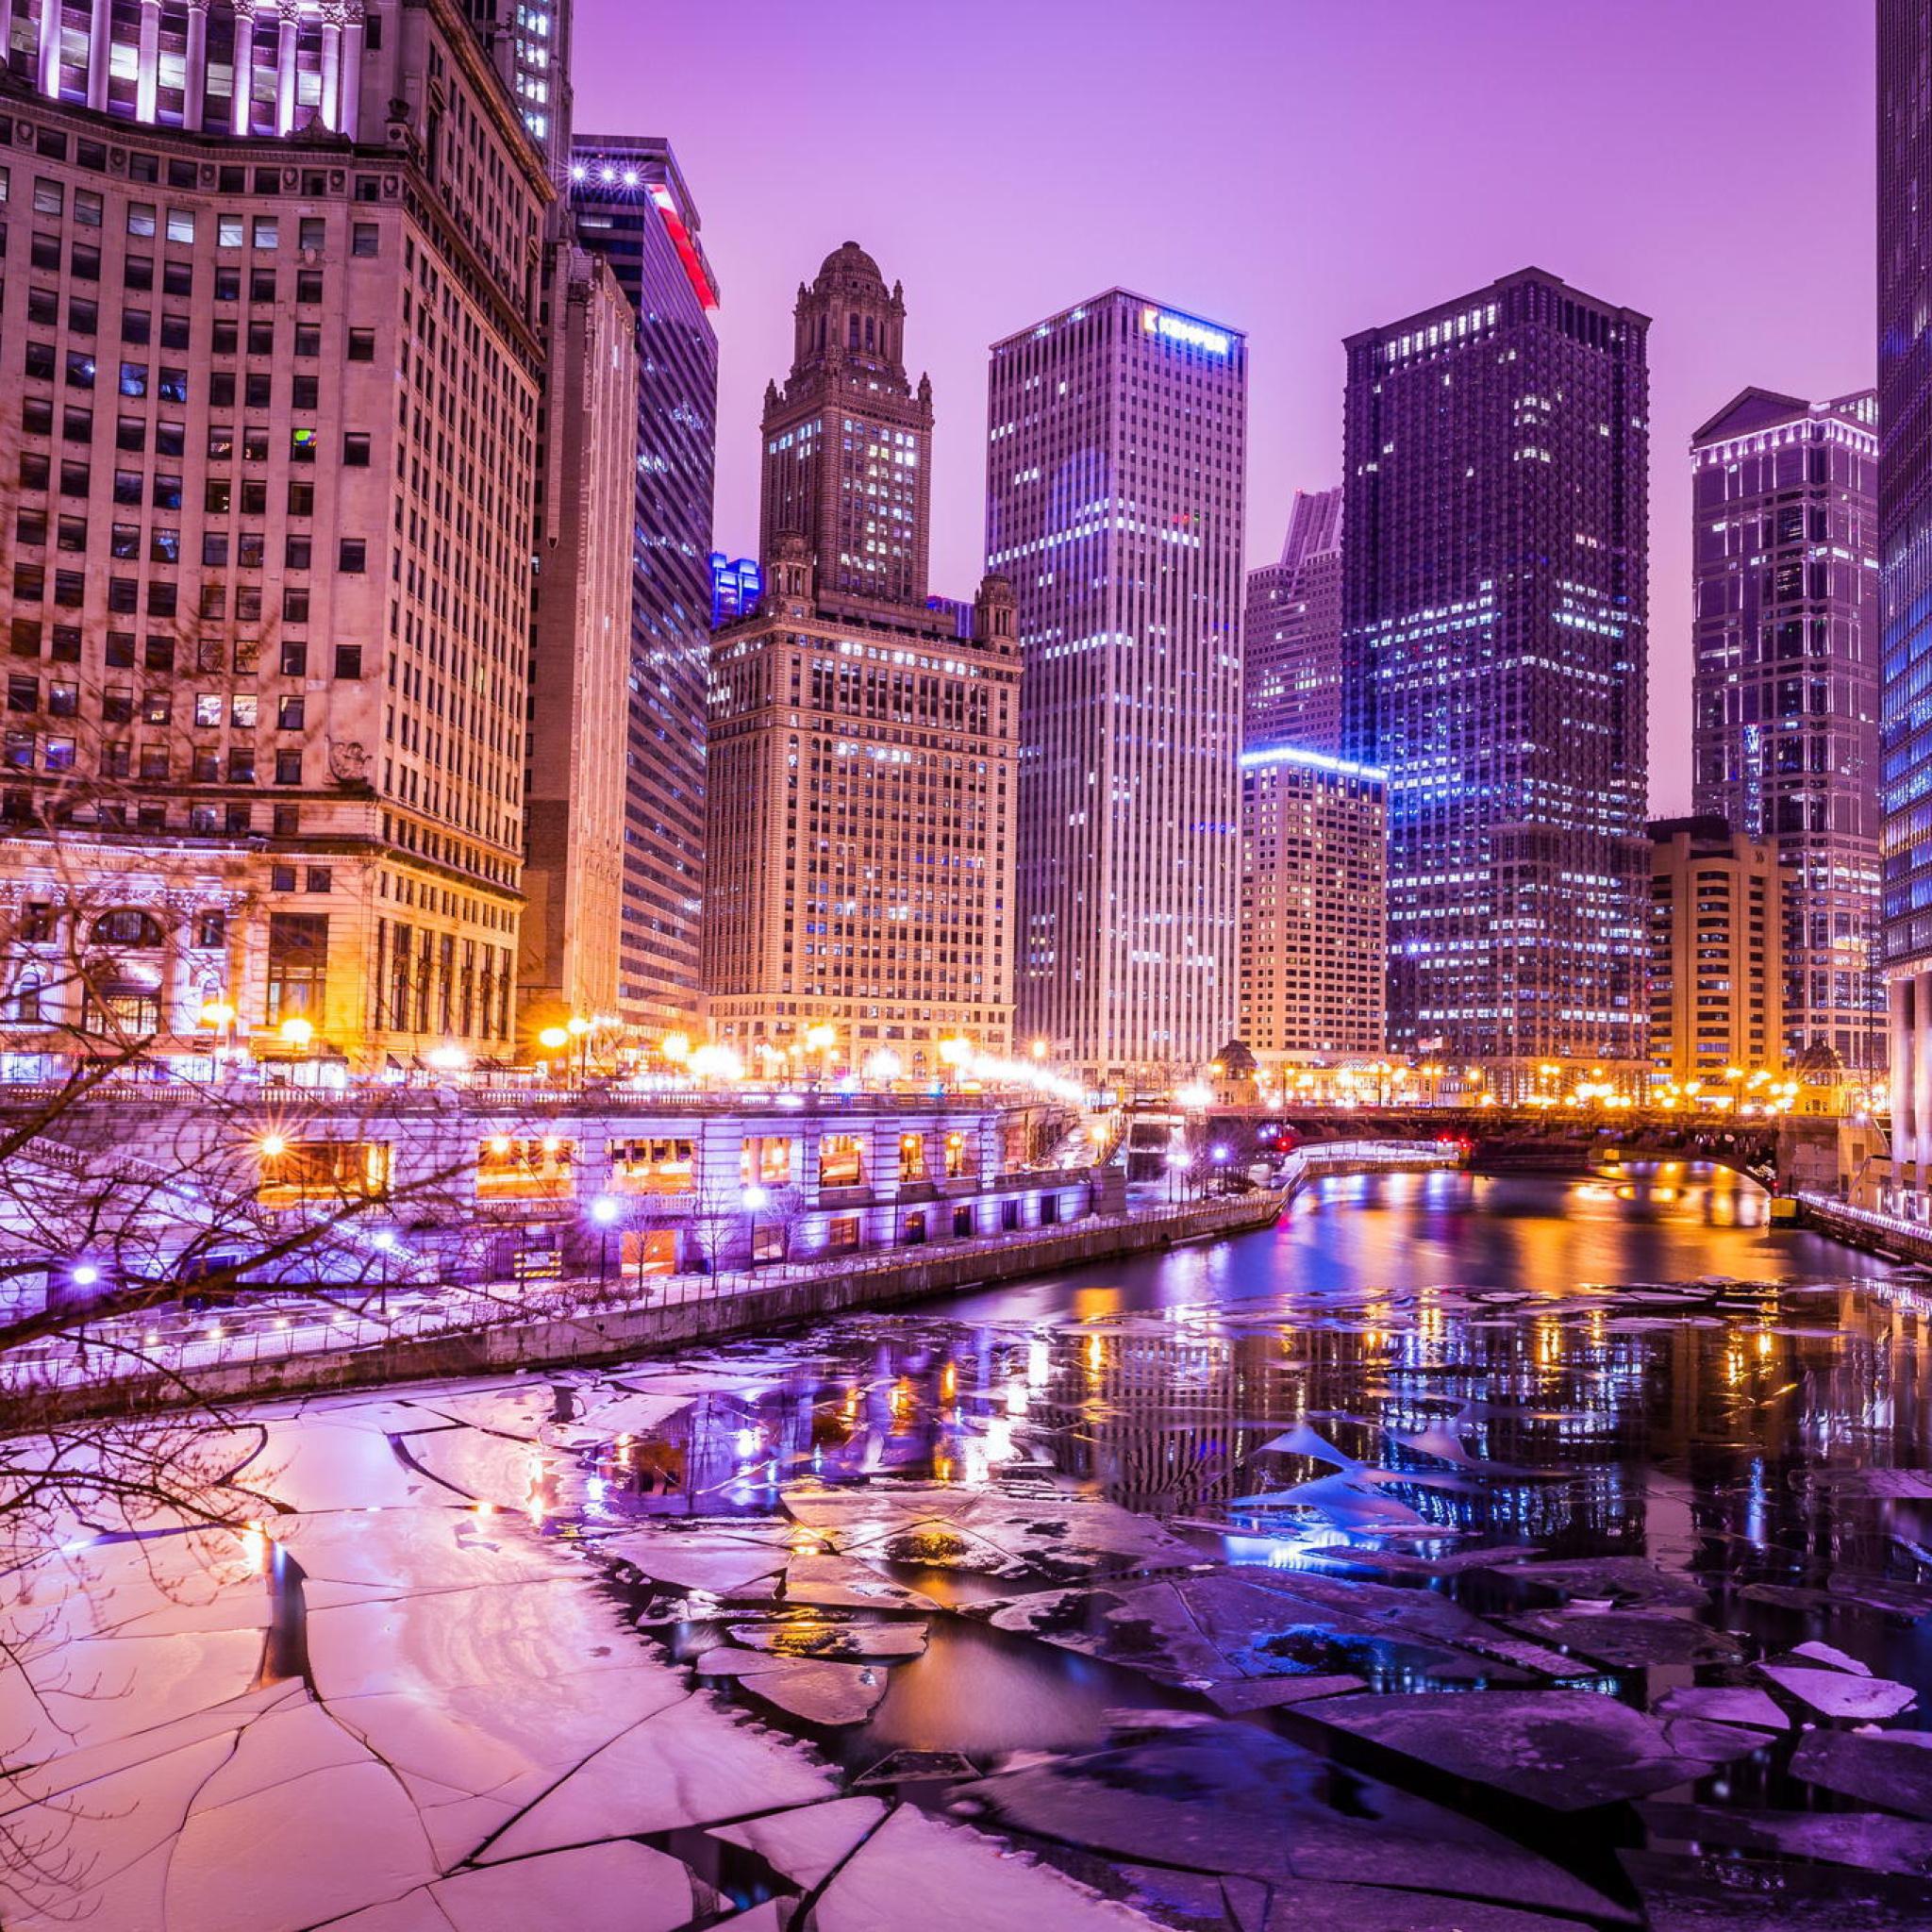 Ночной порт в Чикаго  № 3504490 загрузить